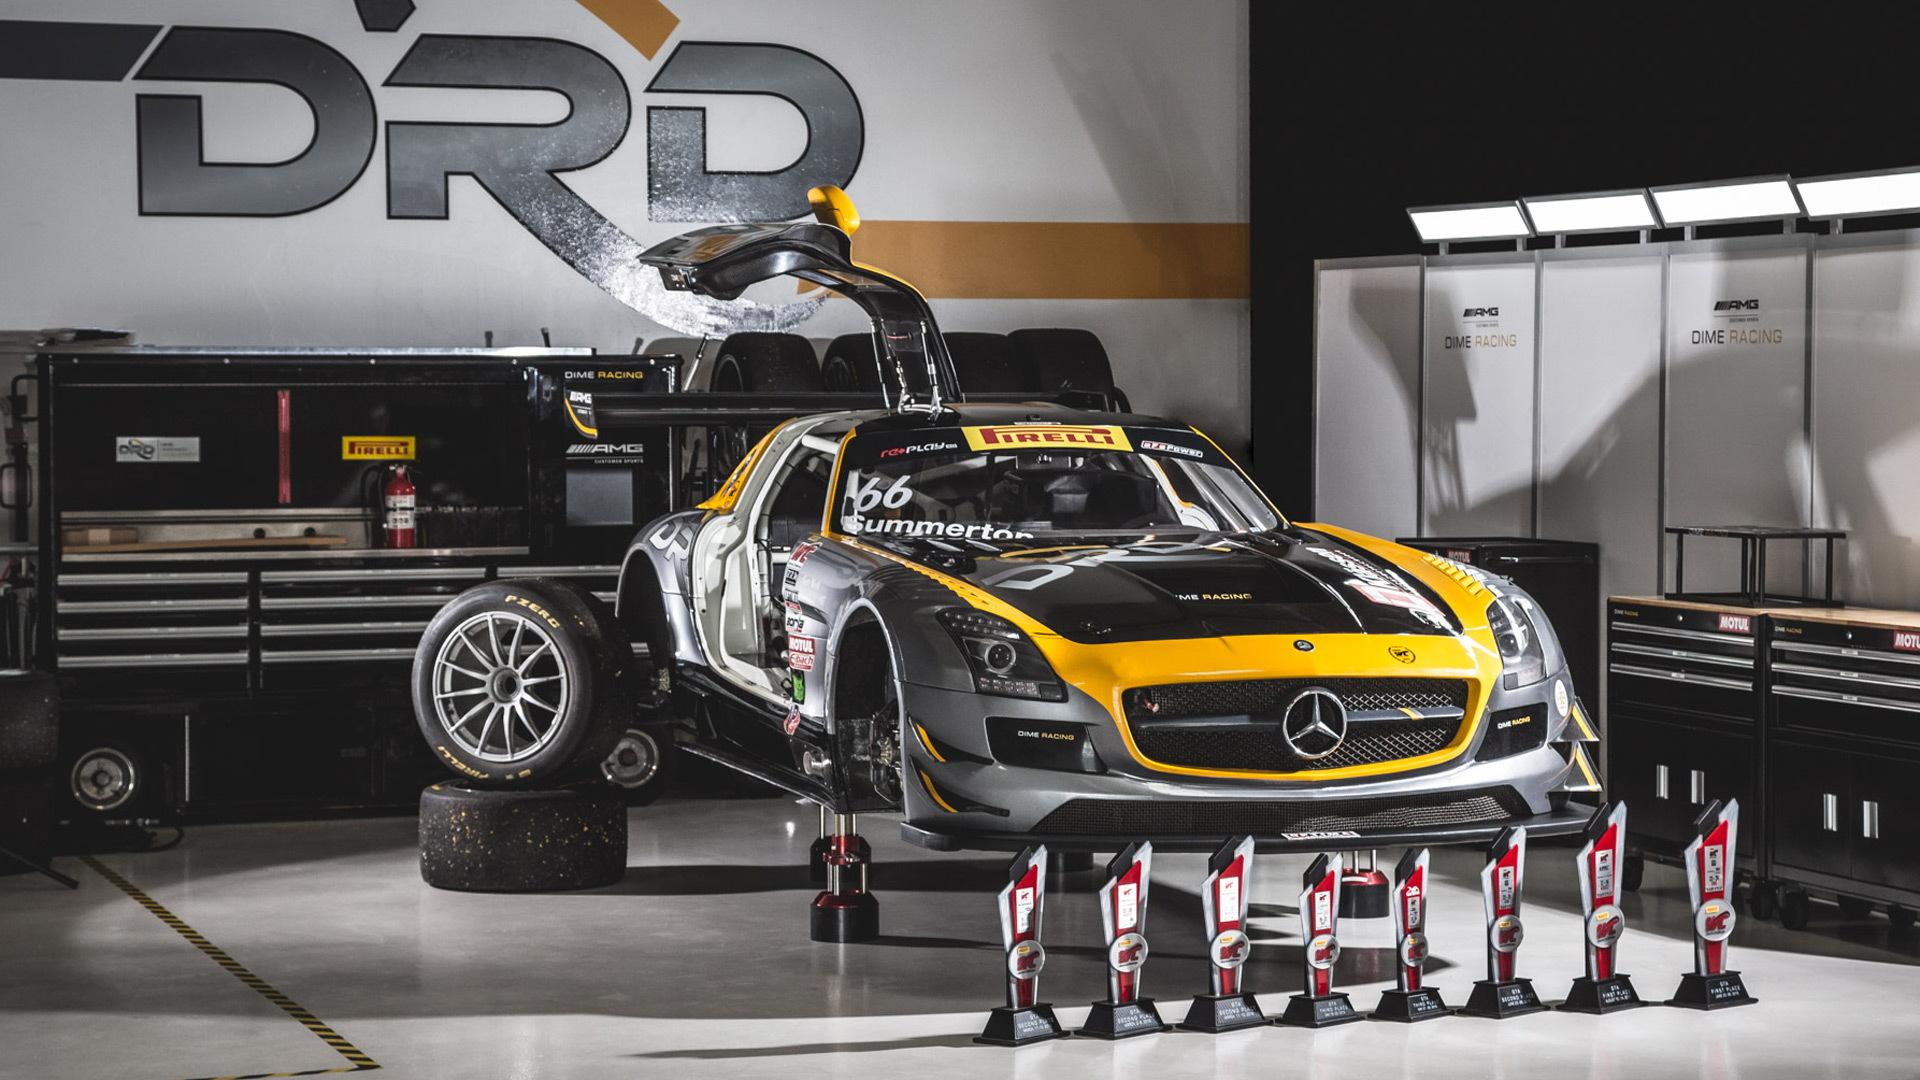 2012 Dime Racing Mercedes-Benz SLS AMG race car